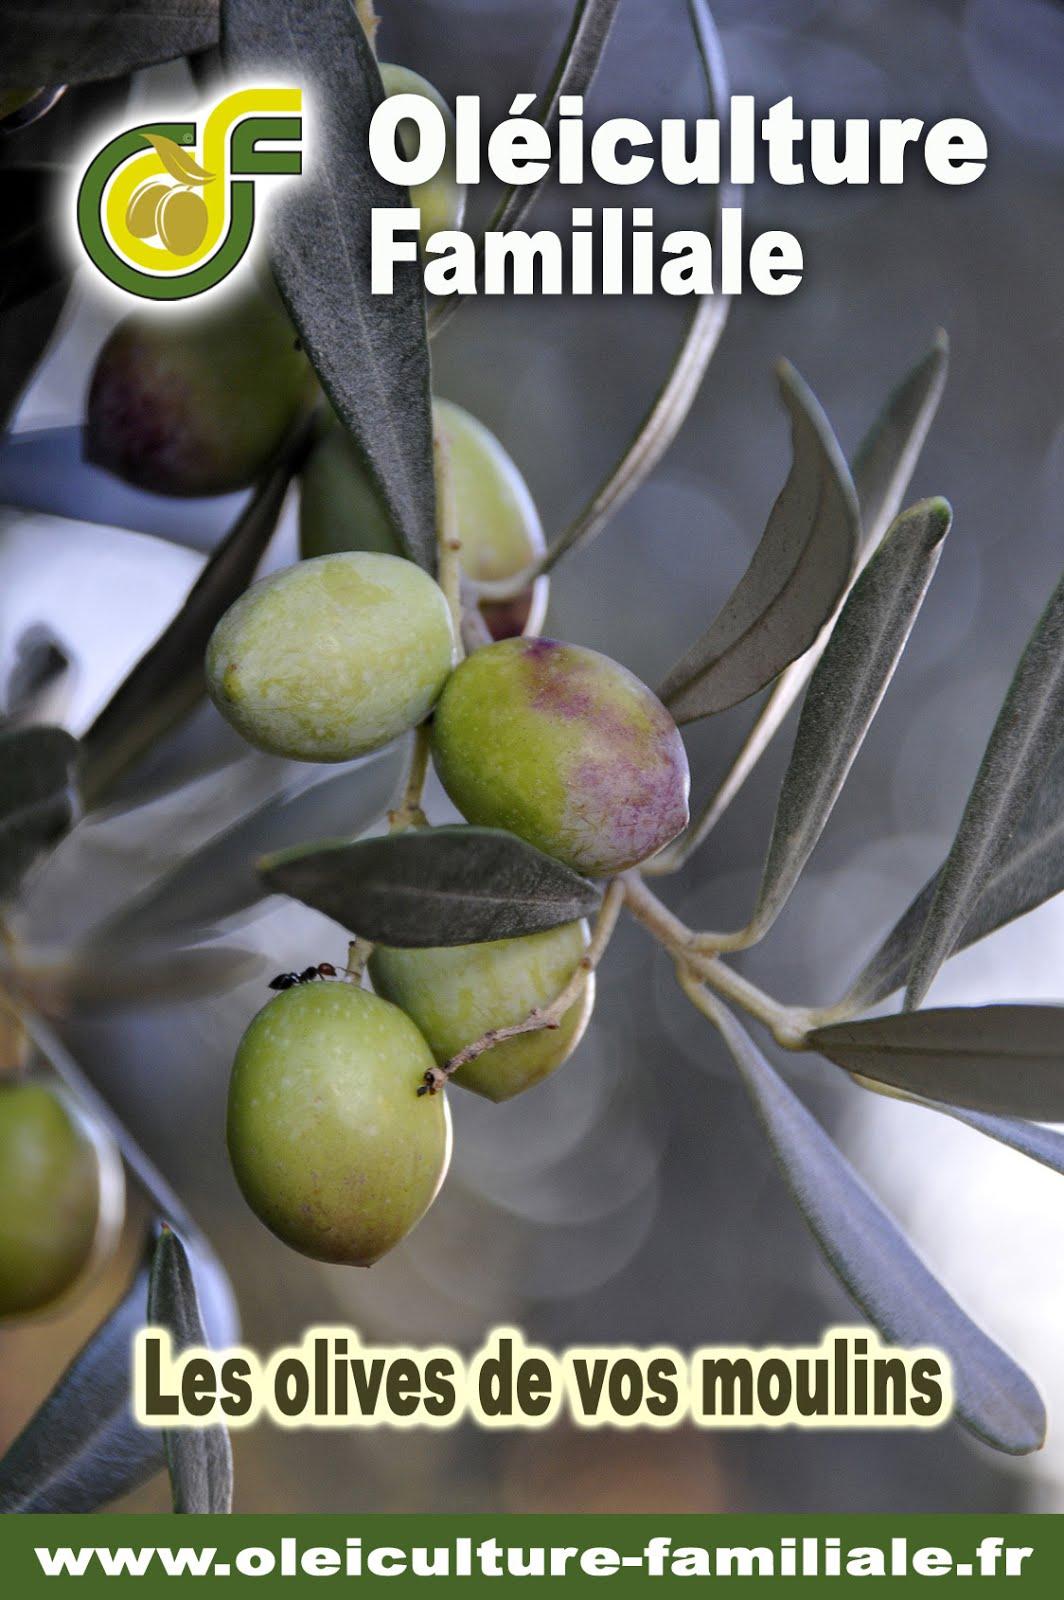 Mes olives comptent pour les moulins !